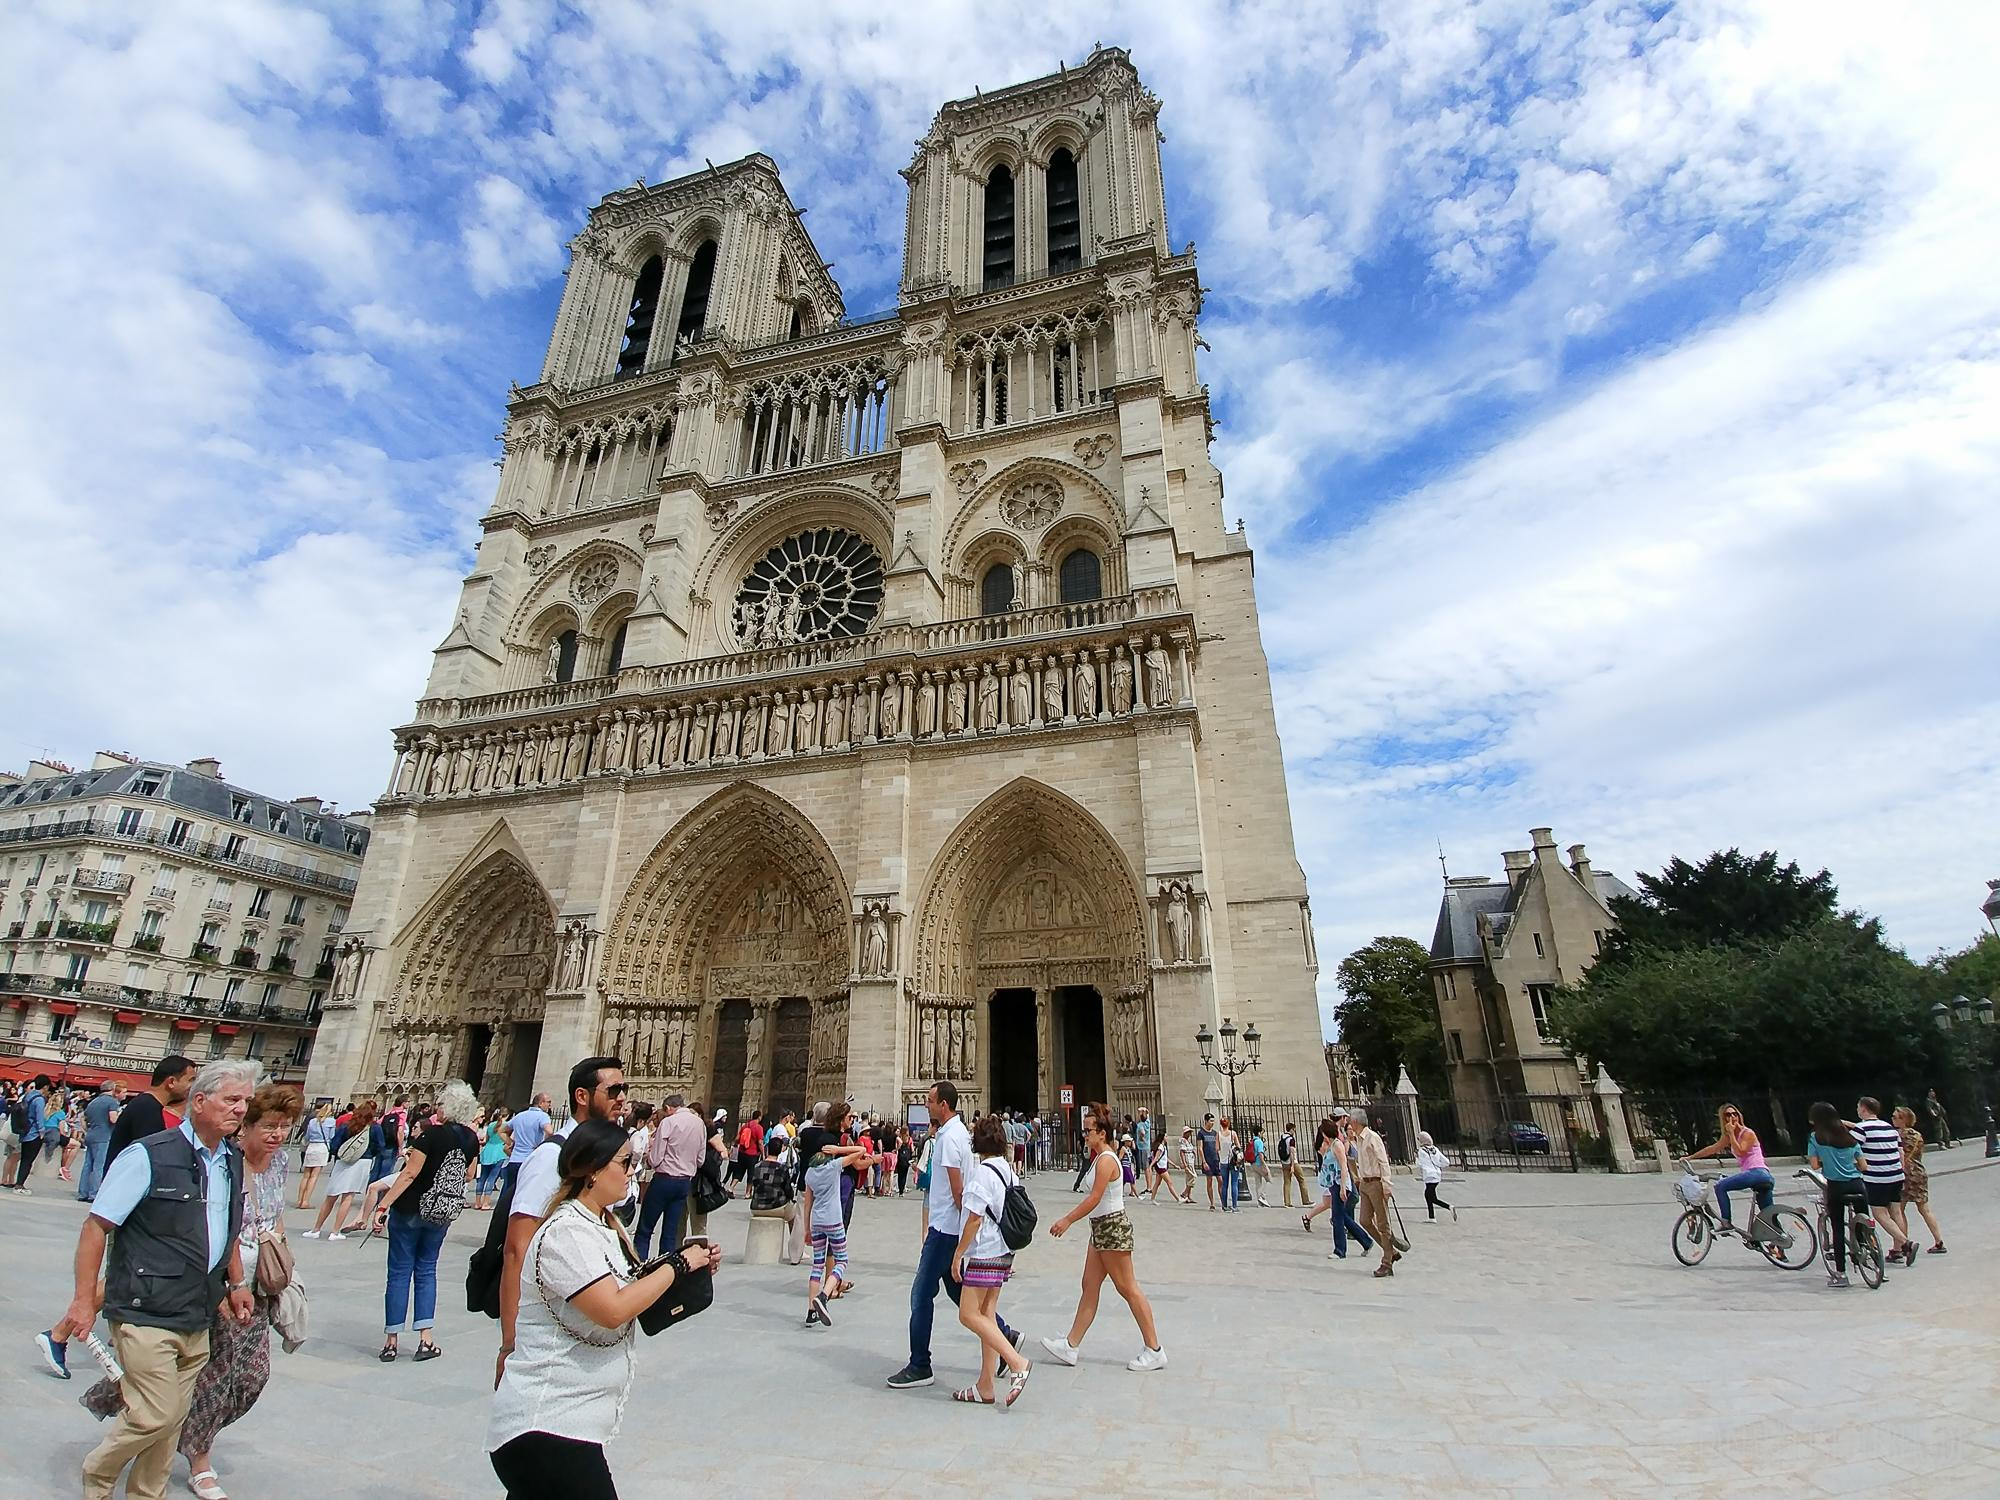 Reisebericht: Eine Kurzreise nach Paris im Sommer